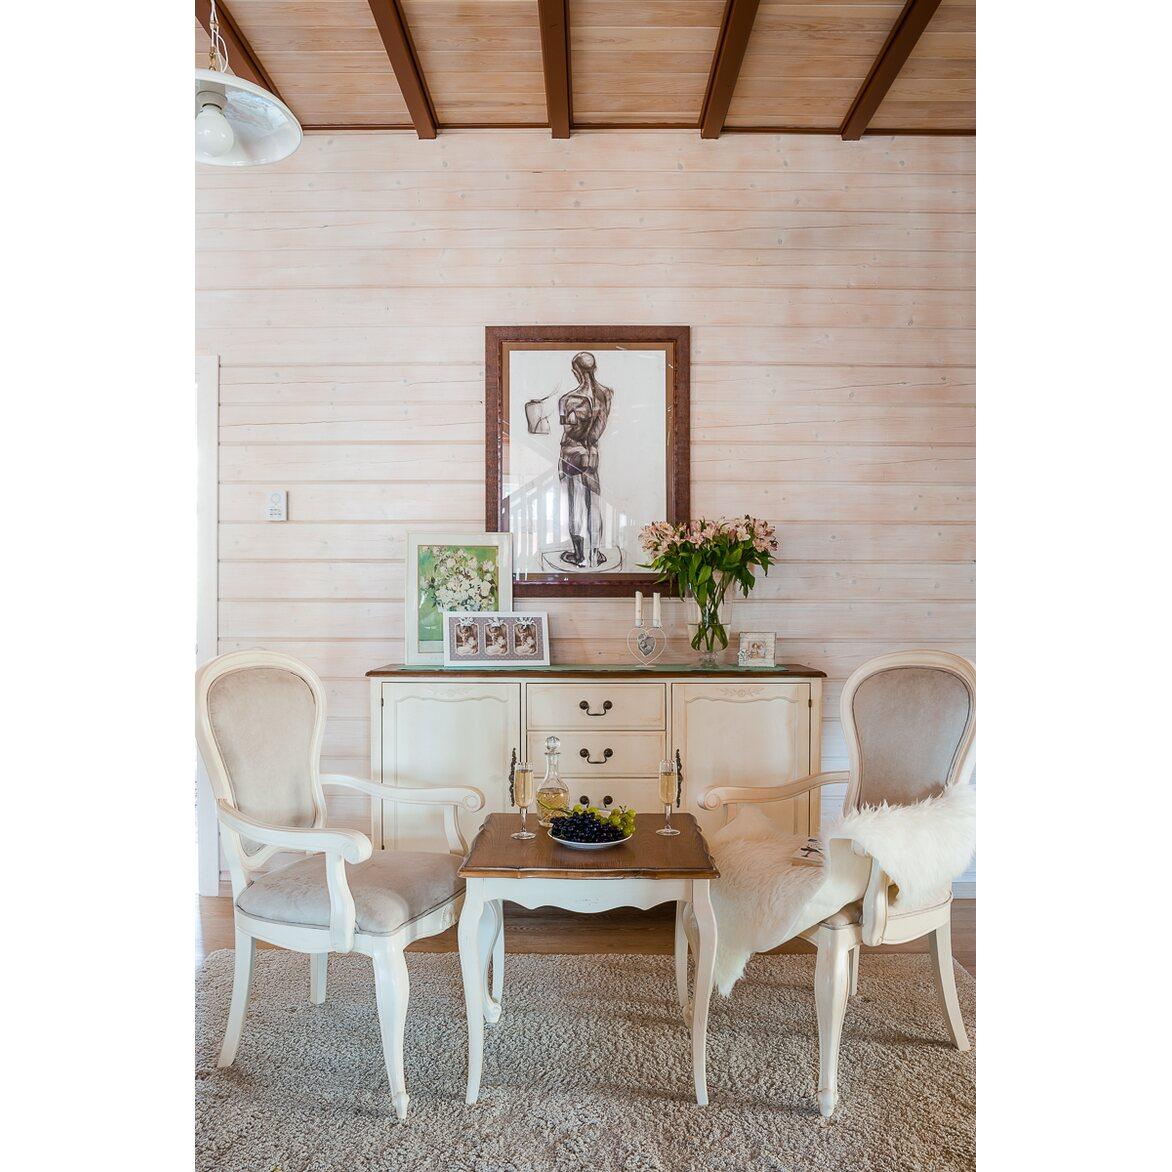 Полукресло с твердыми подлокотниками Leontina, бежевого цвета 2   Кресло-стул Kingsby